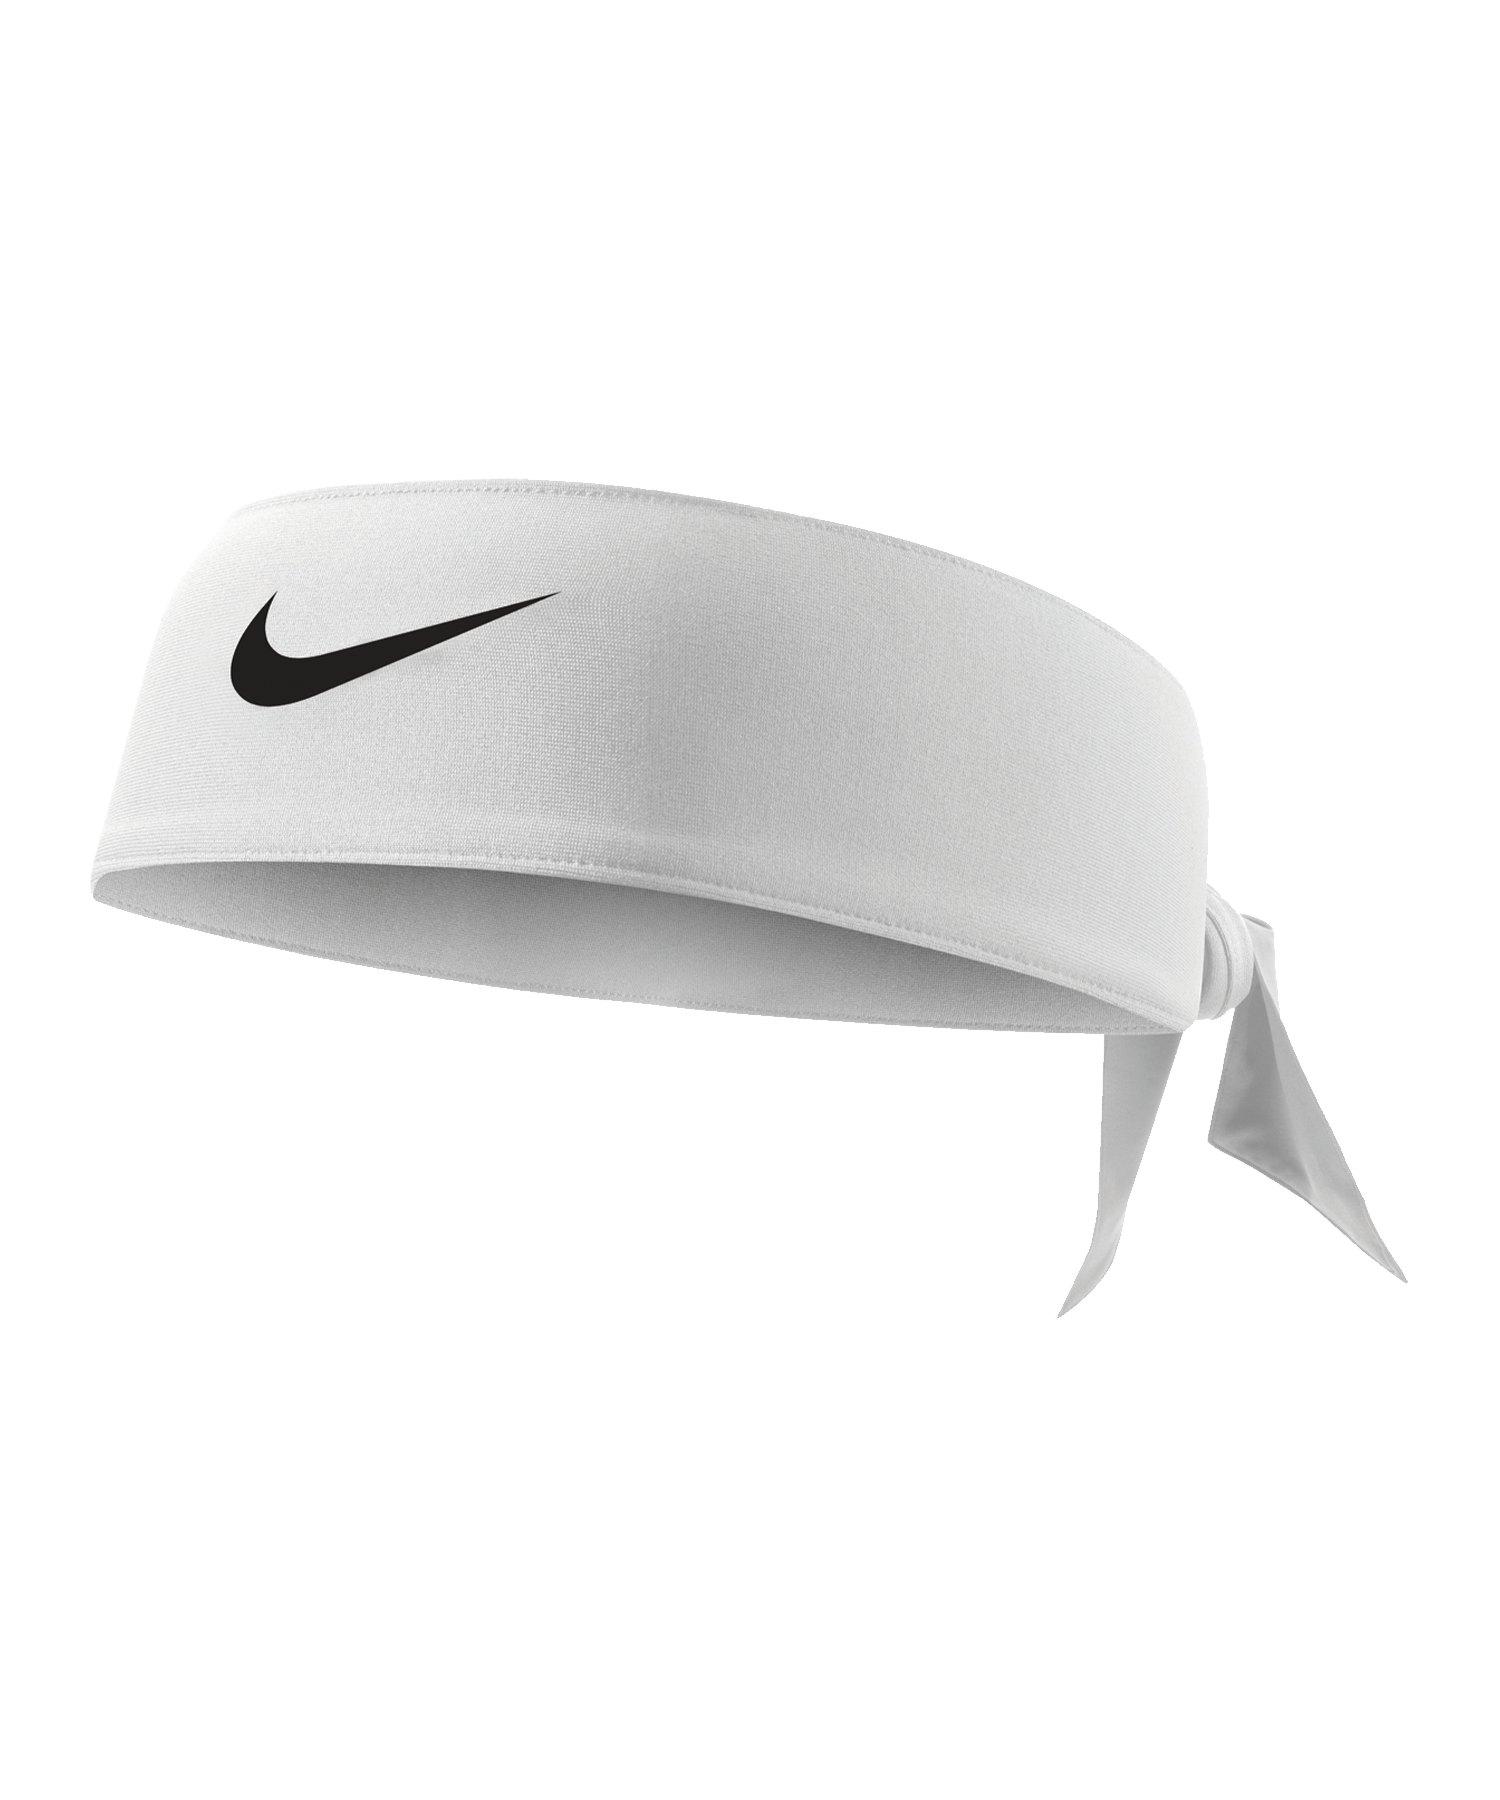 Nike Dri-FIT 3.0 Haarband zum Binden F101 - weiss